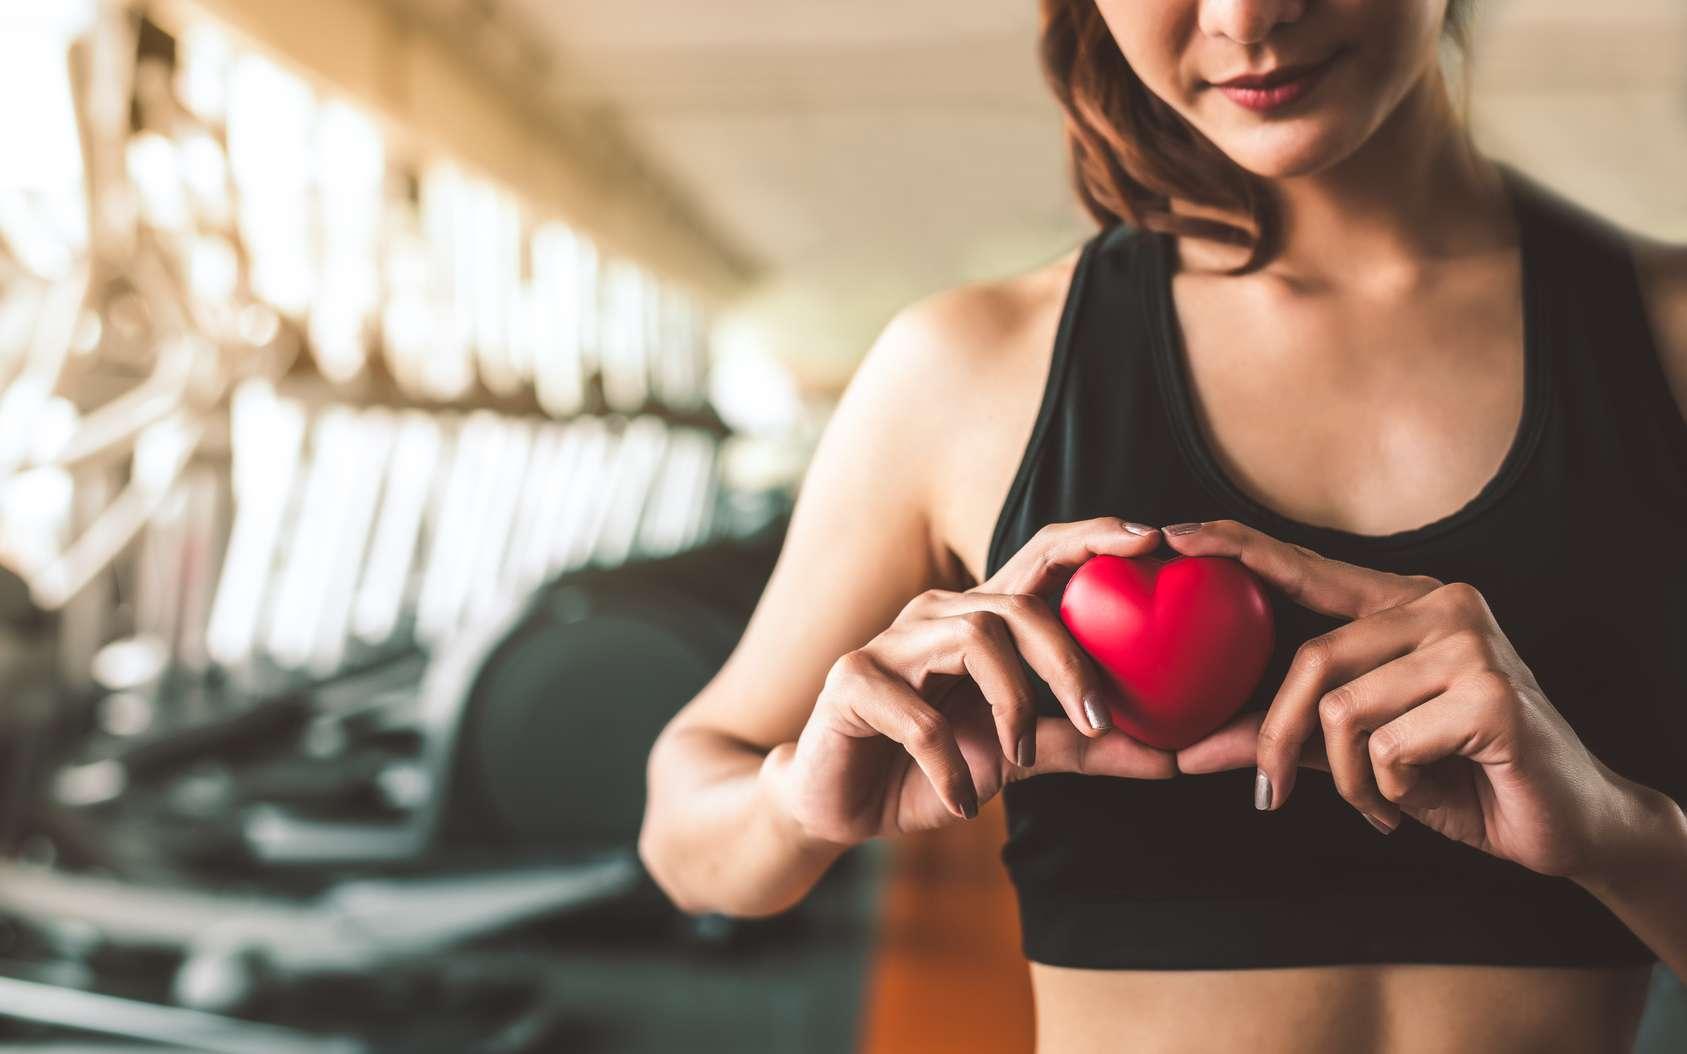 La santé ou la silhouette sont les principales motivations pour entreprendre une activité sportive. © Shutter2U, fotolia